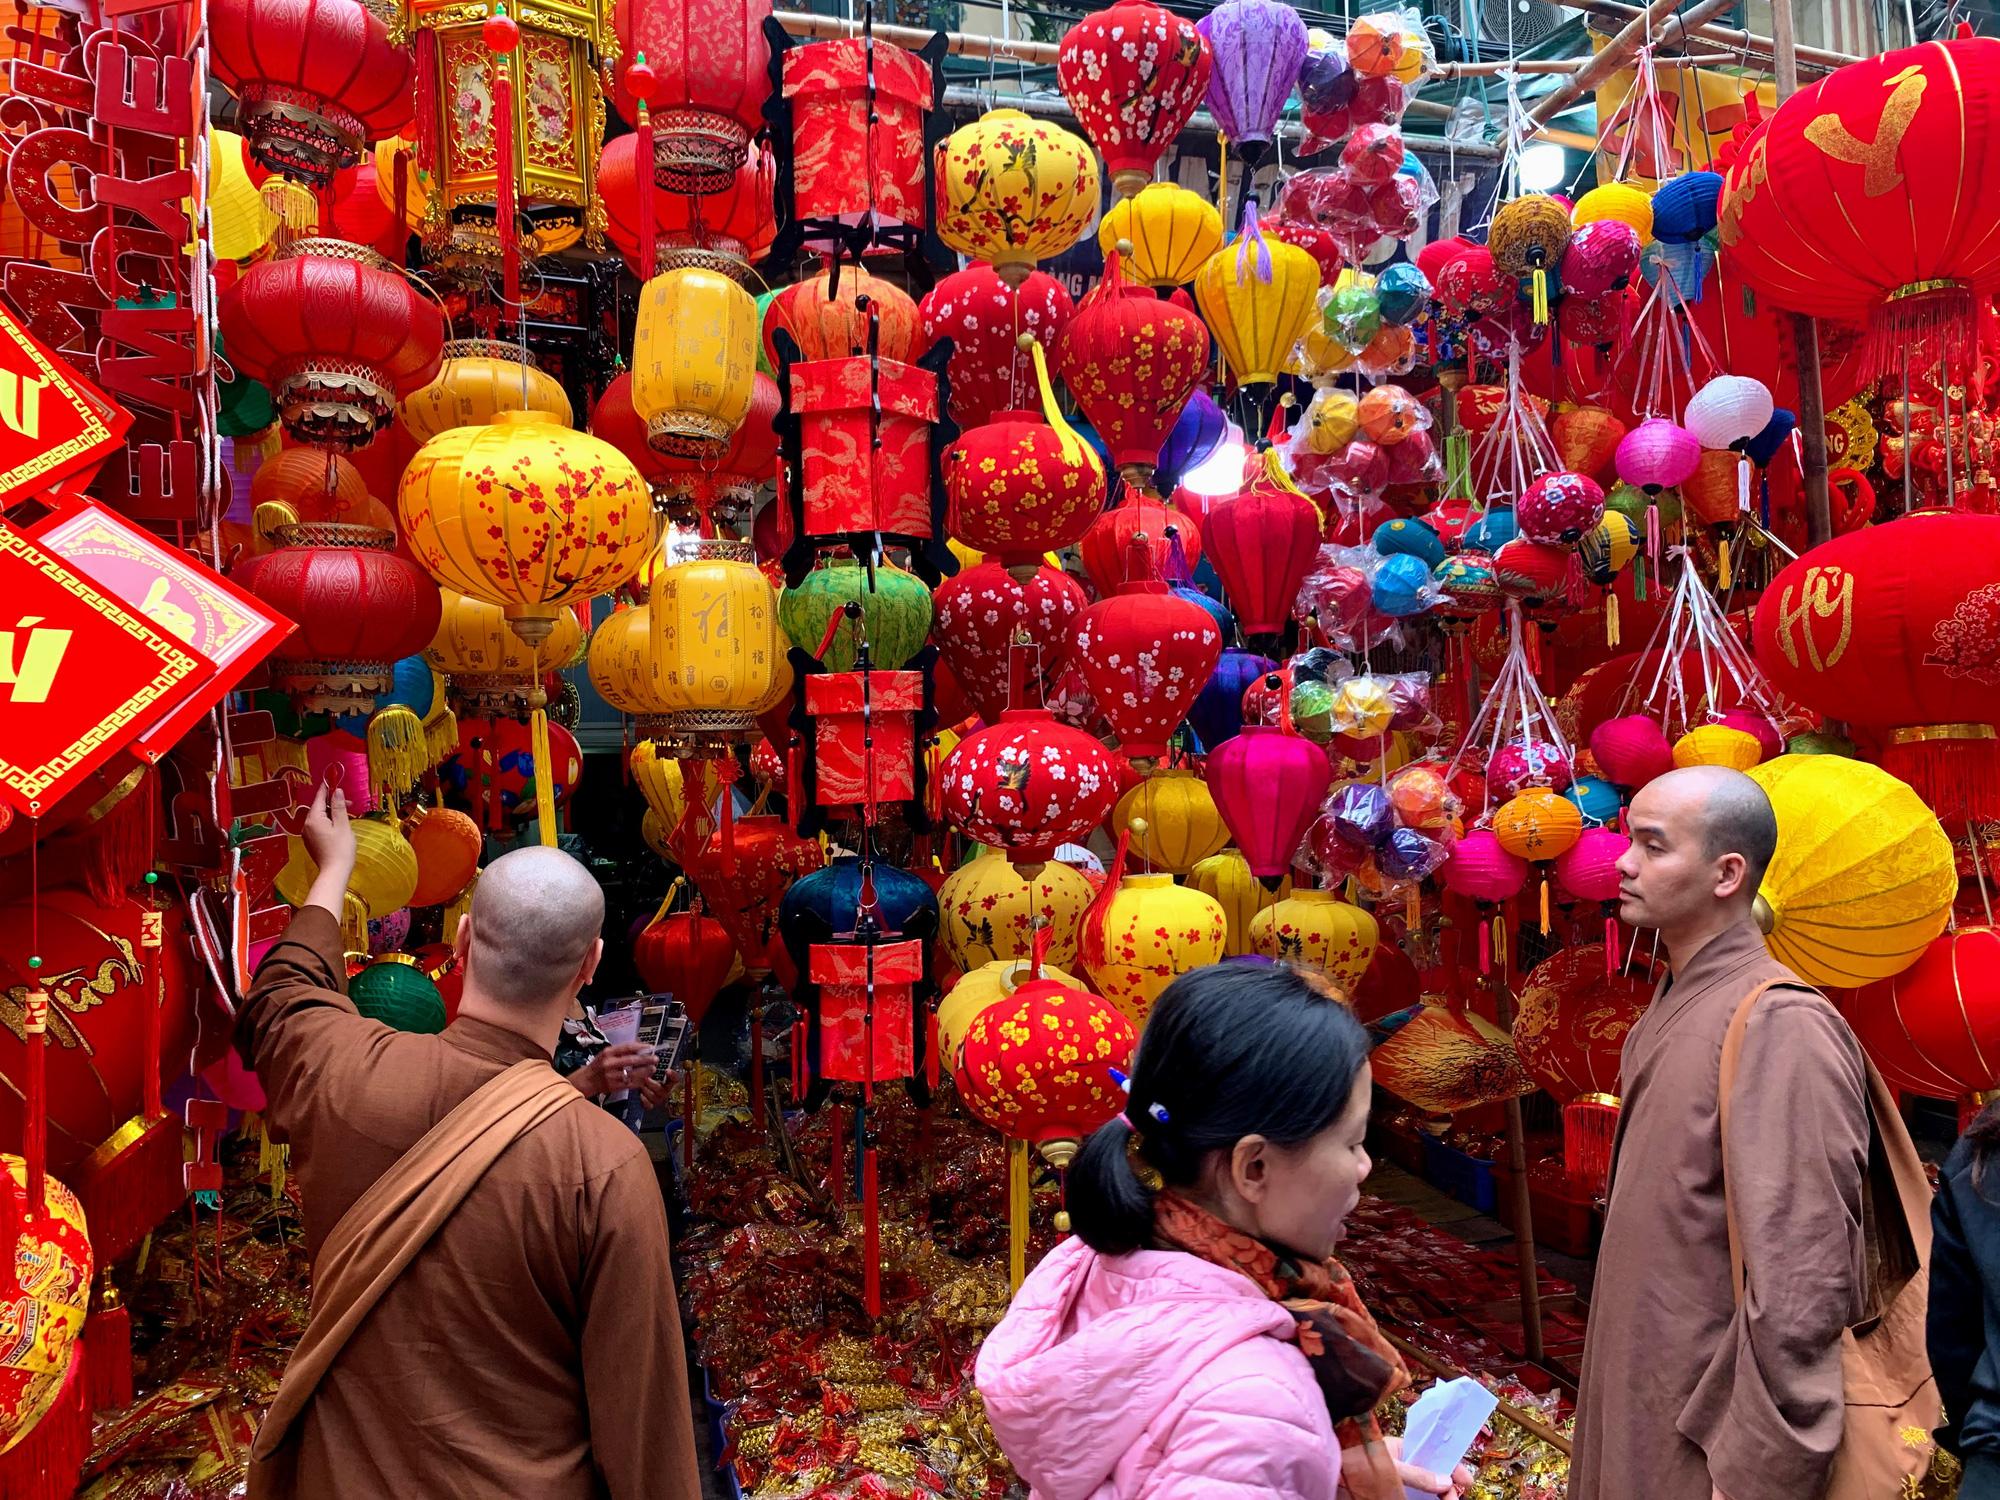 Chiều cuối năm, đột nhập chợ hoa xuân xem người Hà Nội sắm Tết - Ảnh 19.